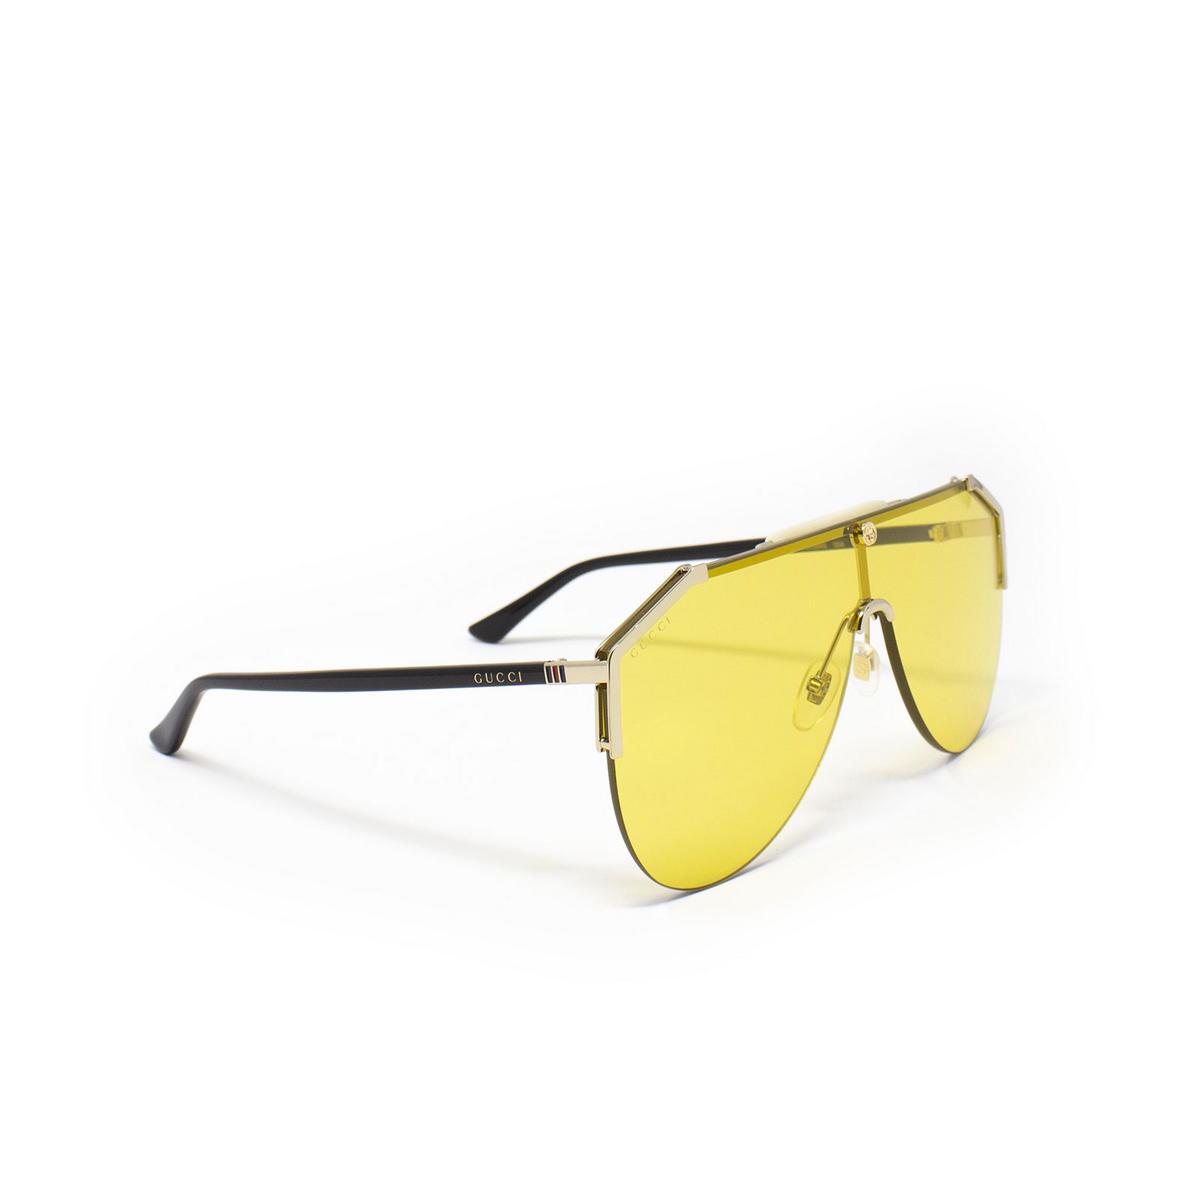 Gucci® Mask Sunglasses: GG0584S color Gold 004 - 2/3.